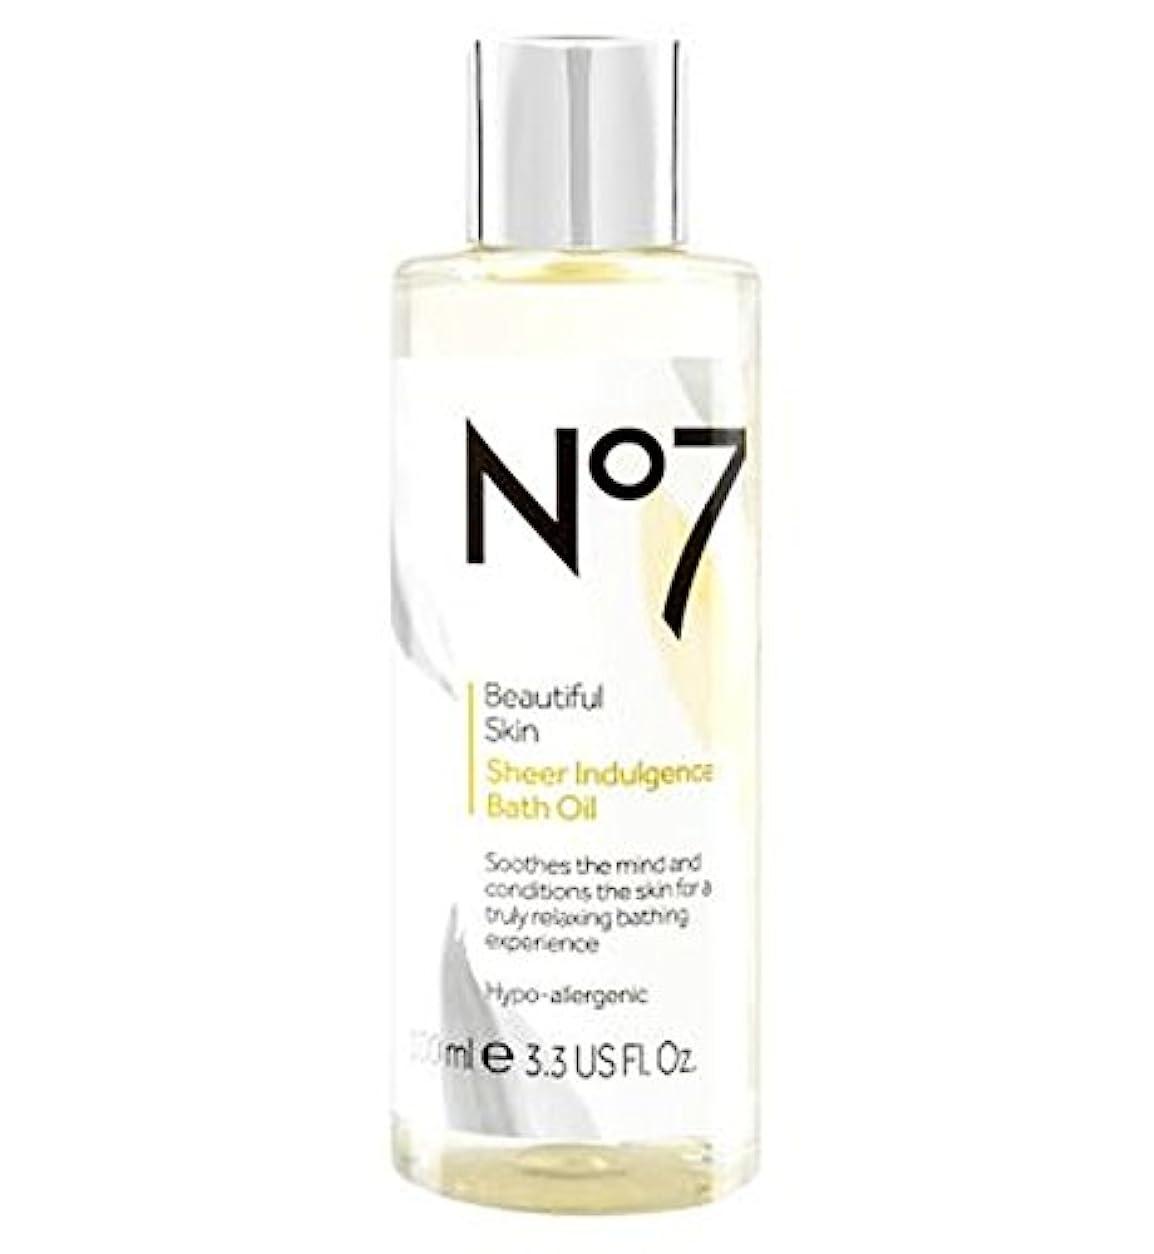 ドキュメンタリー感性道徳のNo7 Beautiful Skin Sheer Indulgence Bath Oil - No7美しい肌透け耽溺のバスオイル (No7) [並行輸入品]